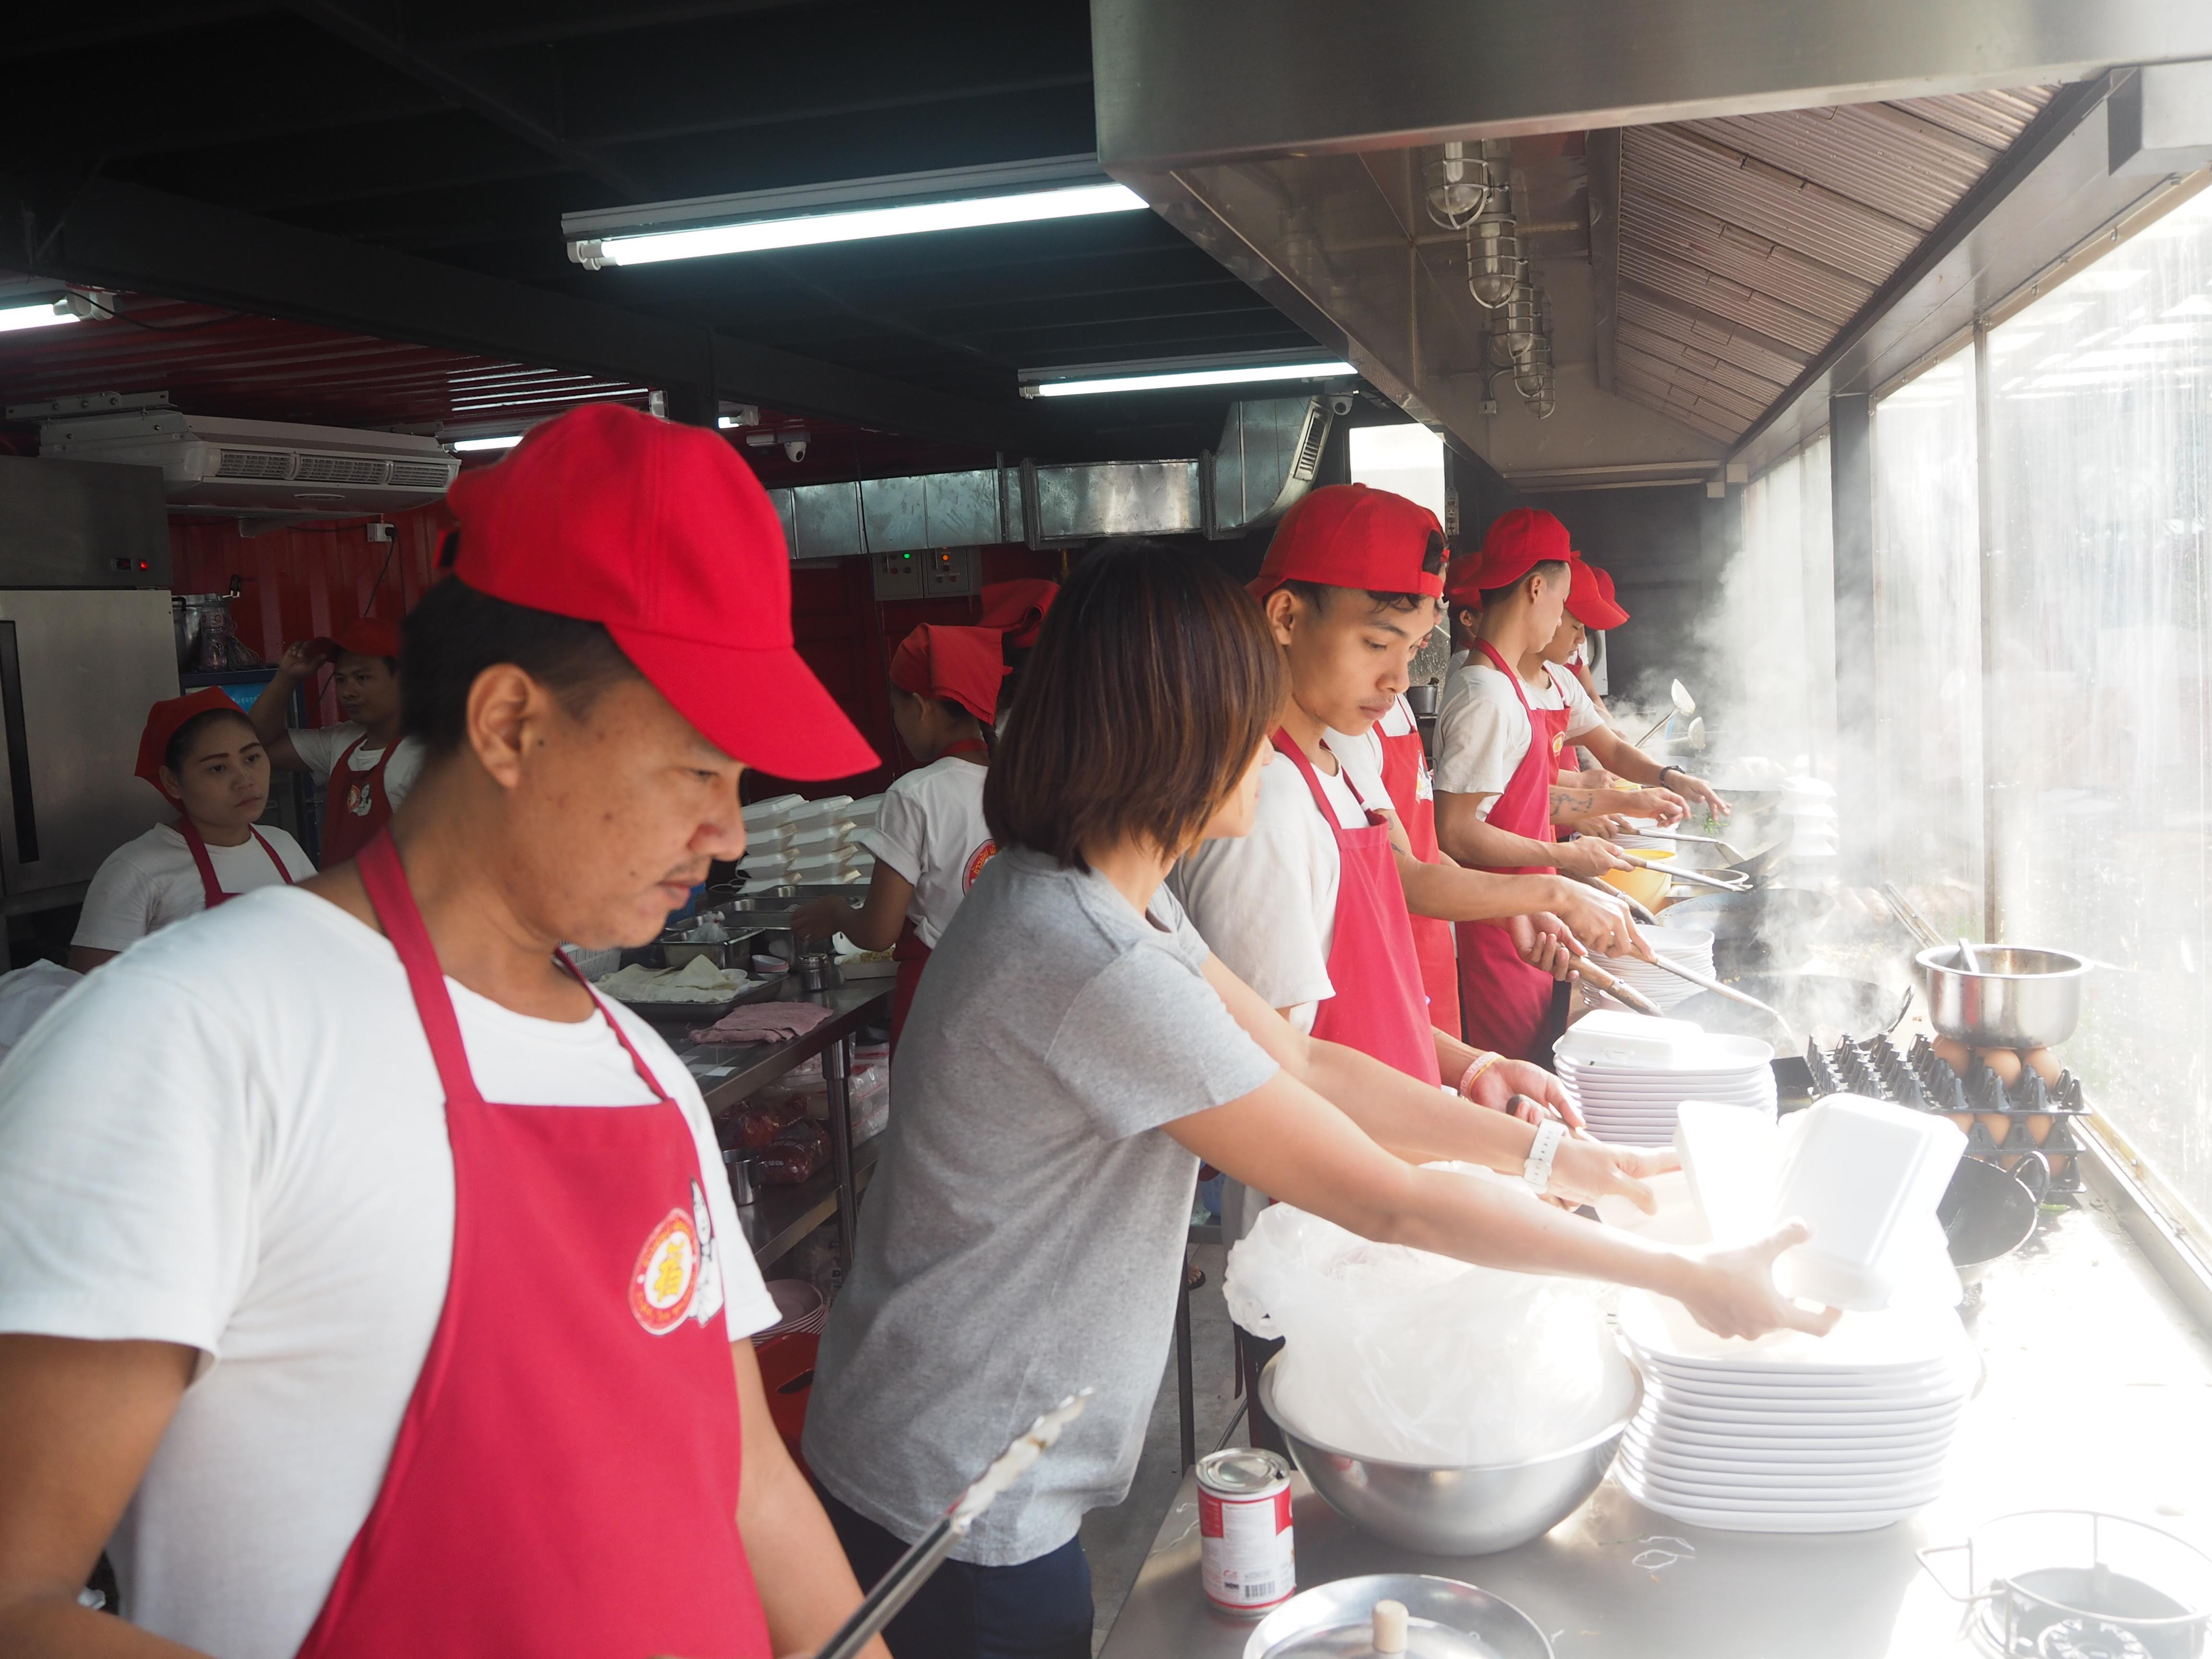 พนักงาน ร้านอาหาร ข้าวผัดปูเมืองทอง